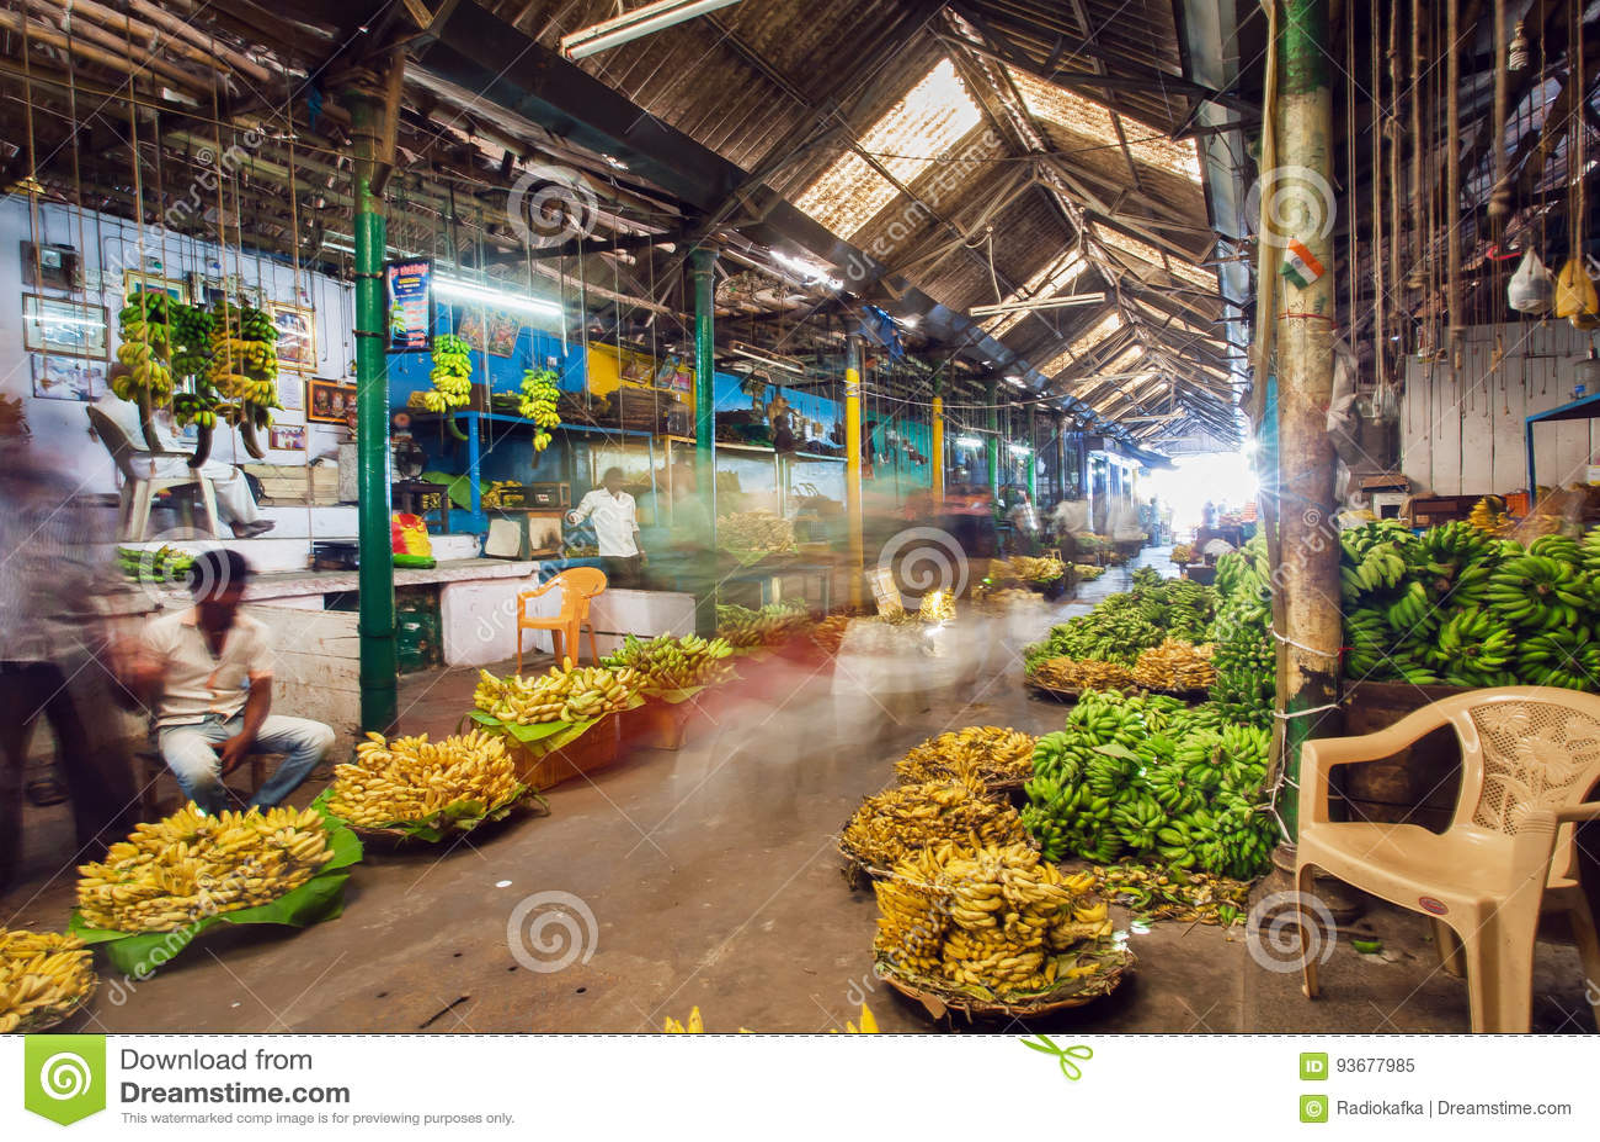 Introduza no mercado comerciantes e os compradores andam no borrão de movimento em um depósito com bananas e frutos